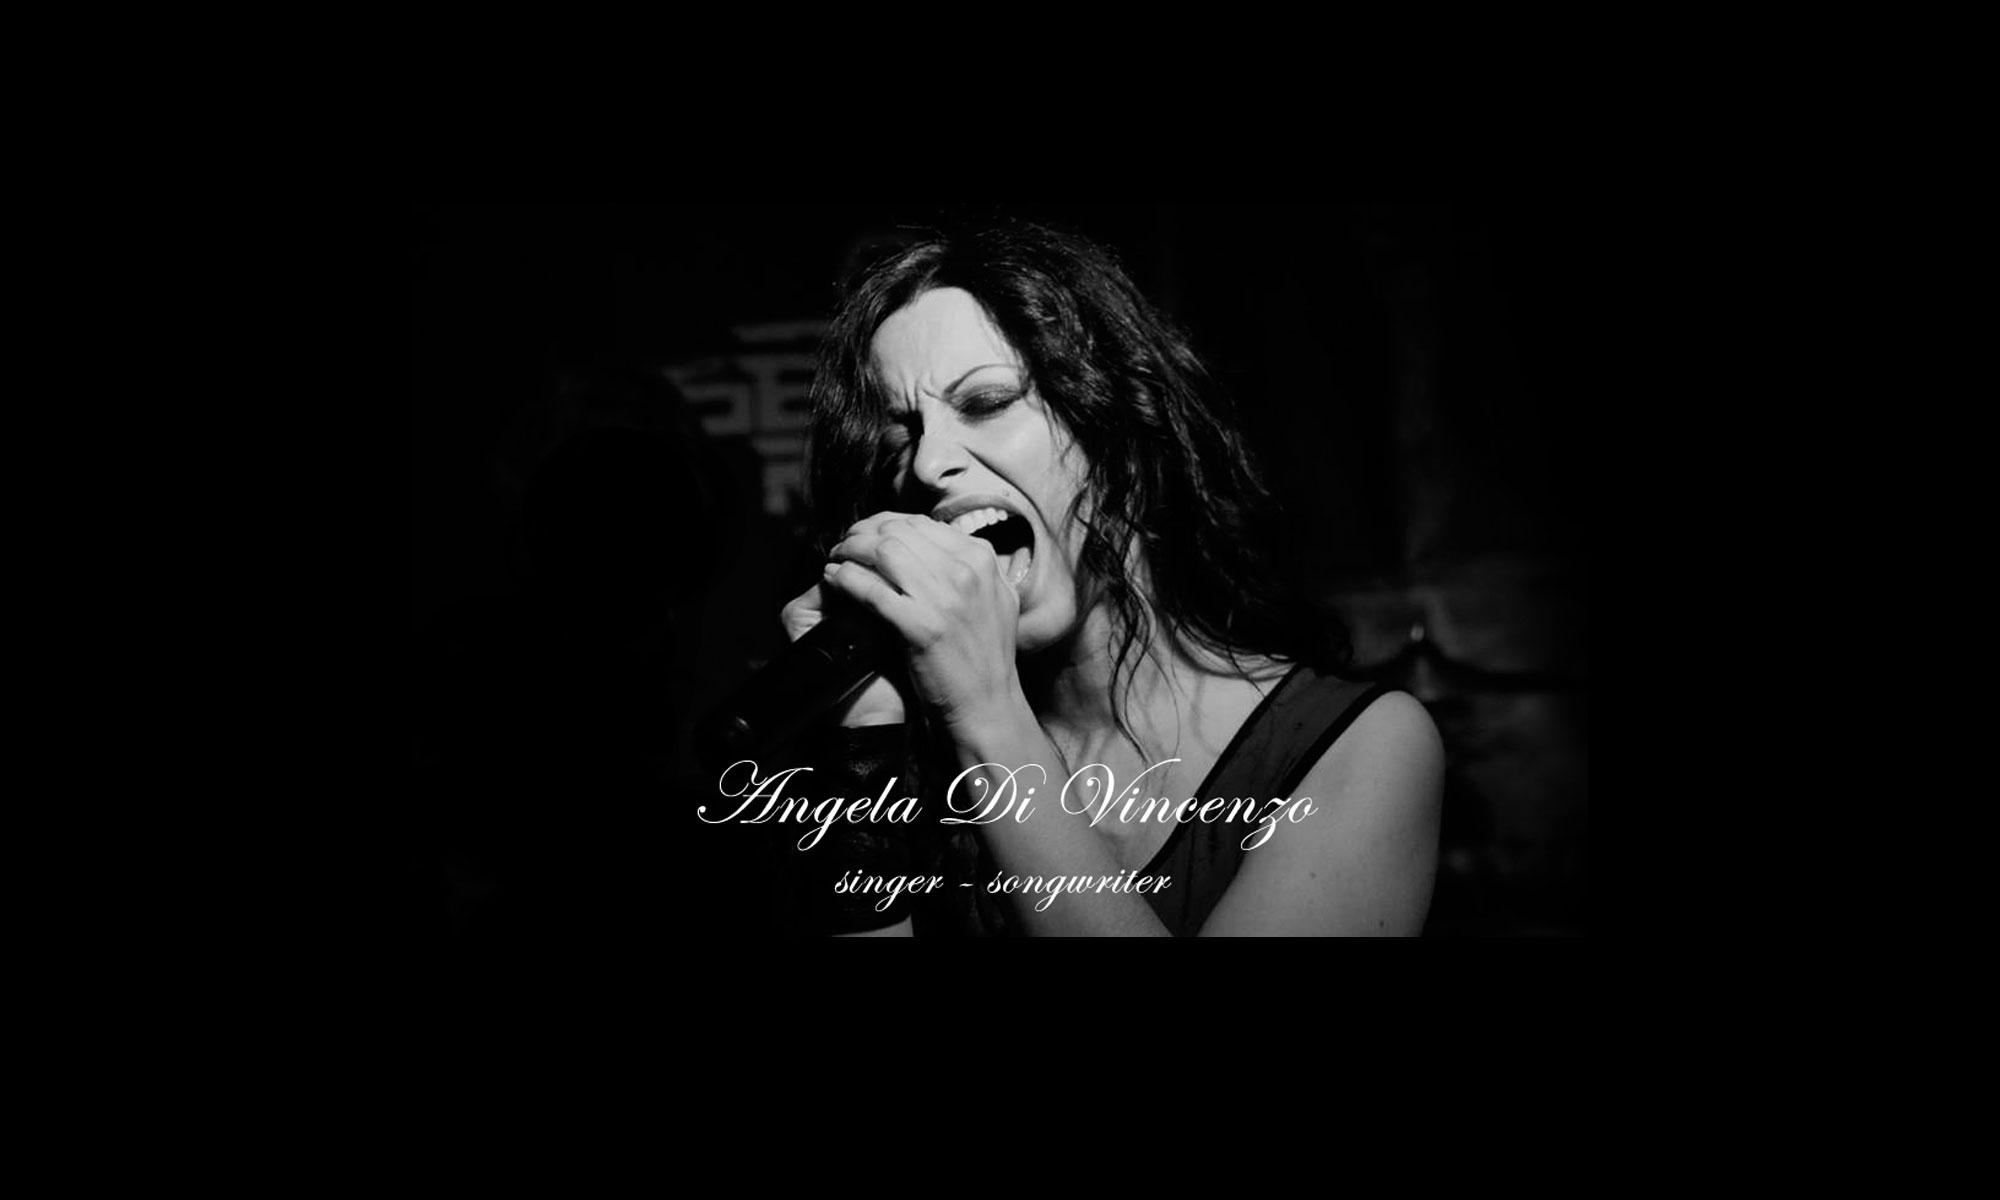 Angela Di Vincenzo